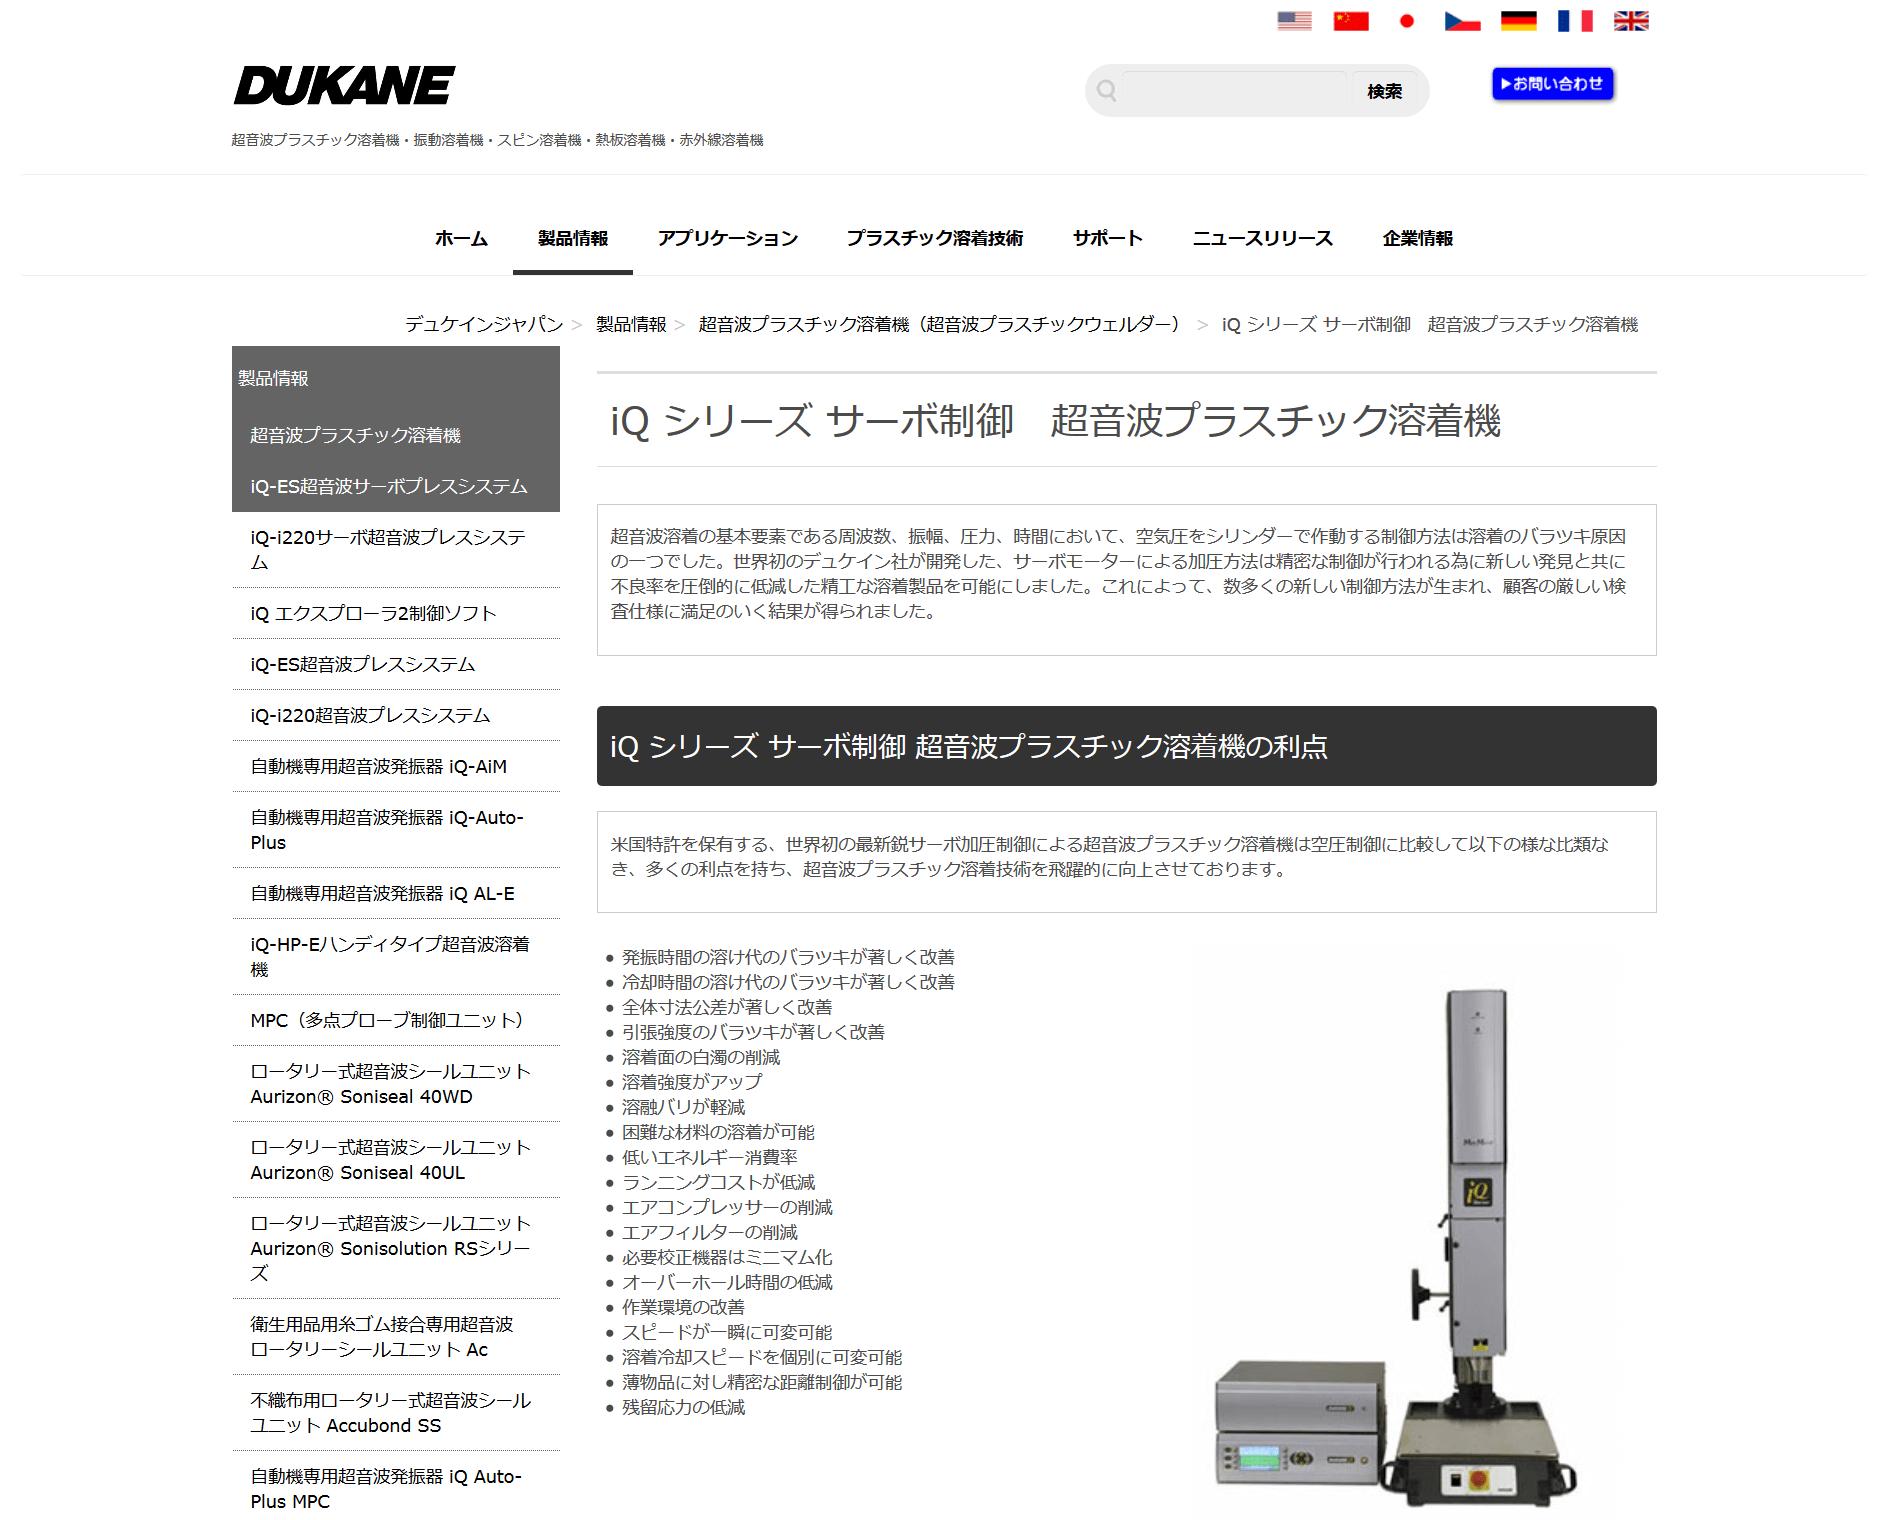 iQ-ES超音波サーボプレスシステム